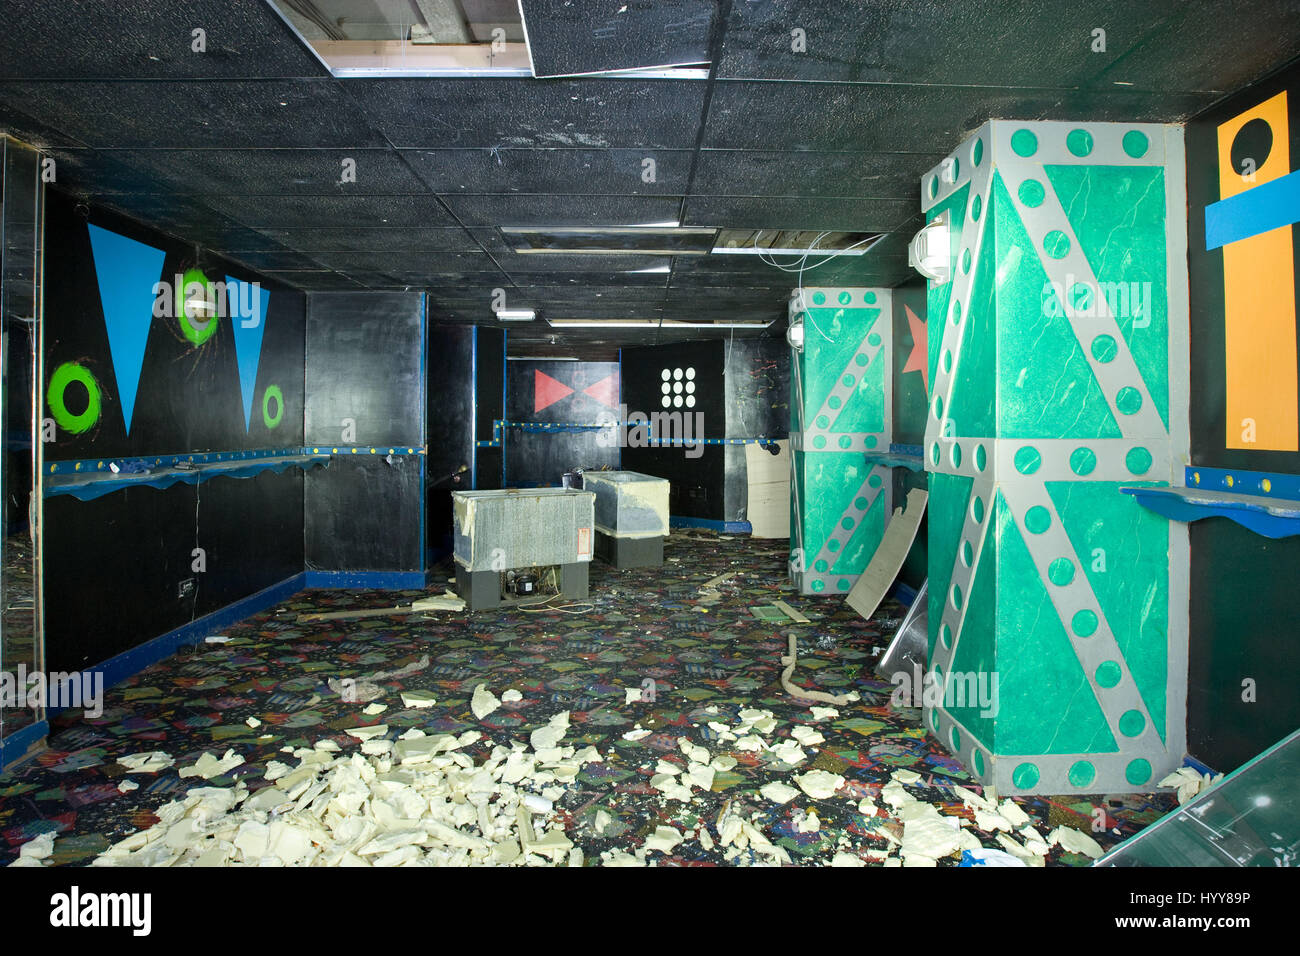 Crumbling Floor Stock Photos & Crumbling Floor Stock Images - Alamy